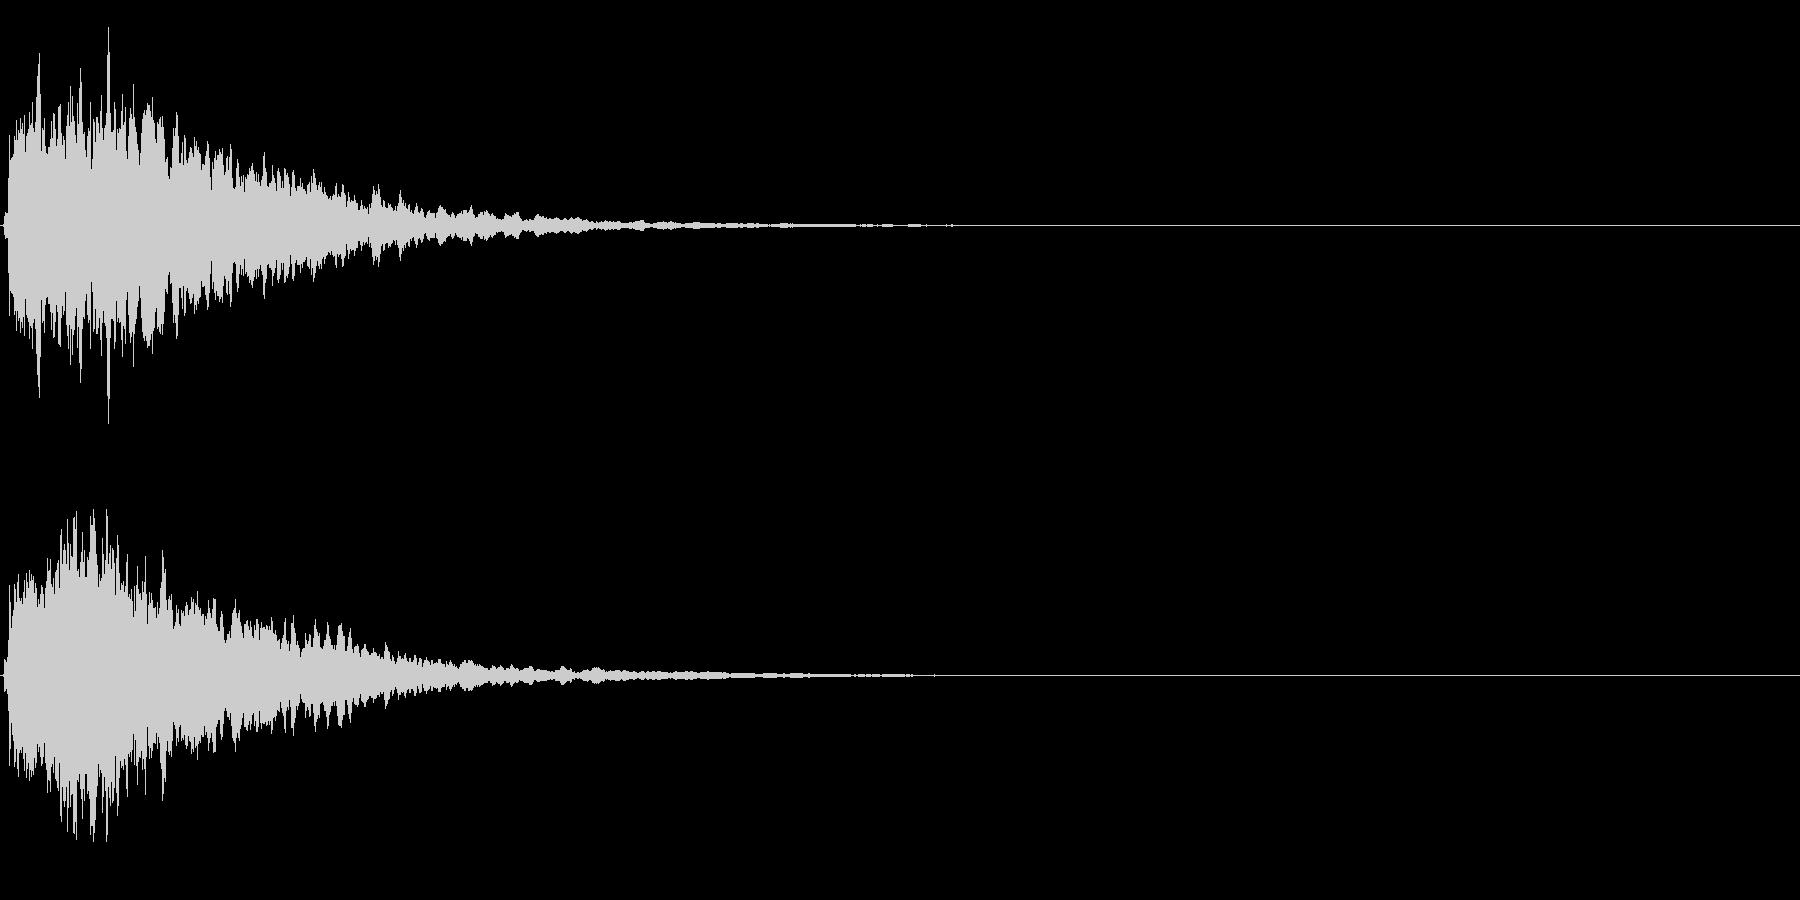 ゲームスタート、決定、ボタン音-087の未再生の波形